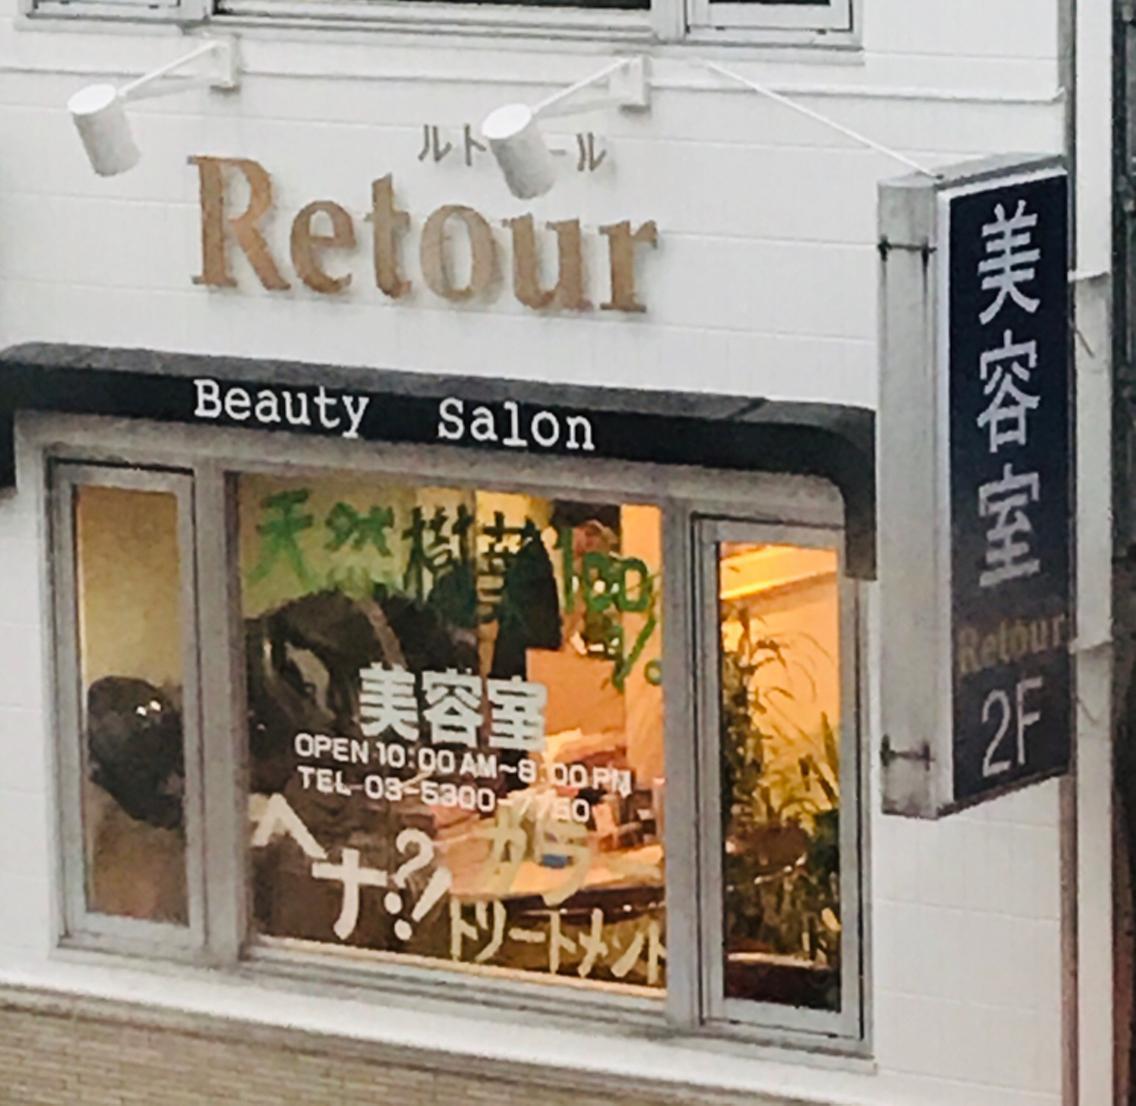 """✨エステ✨サロン macaron.inaは、最新""""THR脱毛"""" 導入店。次世代脱毛方法で痛みなく効果も高い脱毛を体感して下さいさらに、オートプリントネイルで指先のお手入れを楽しんで下さい"""